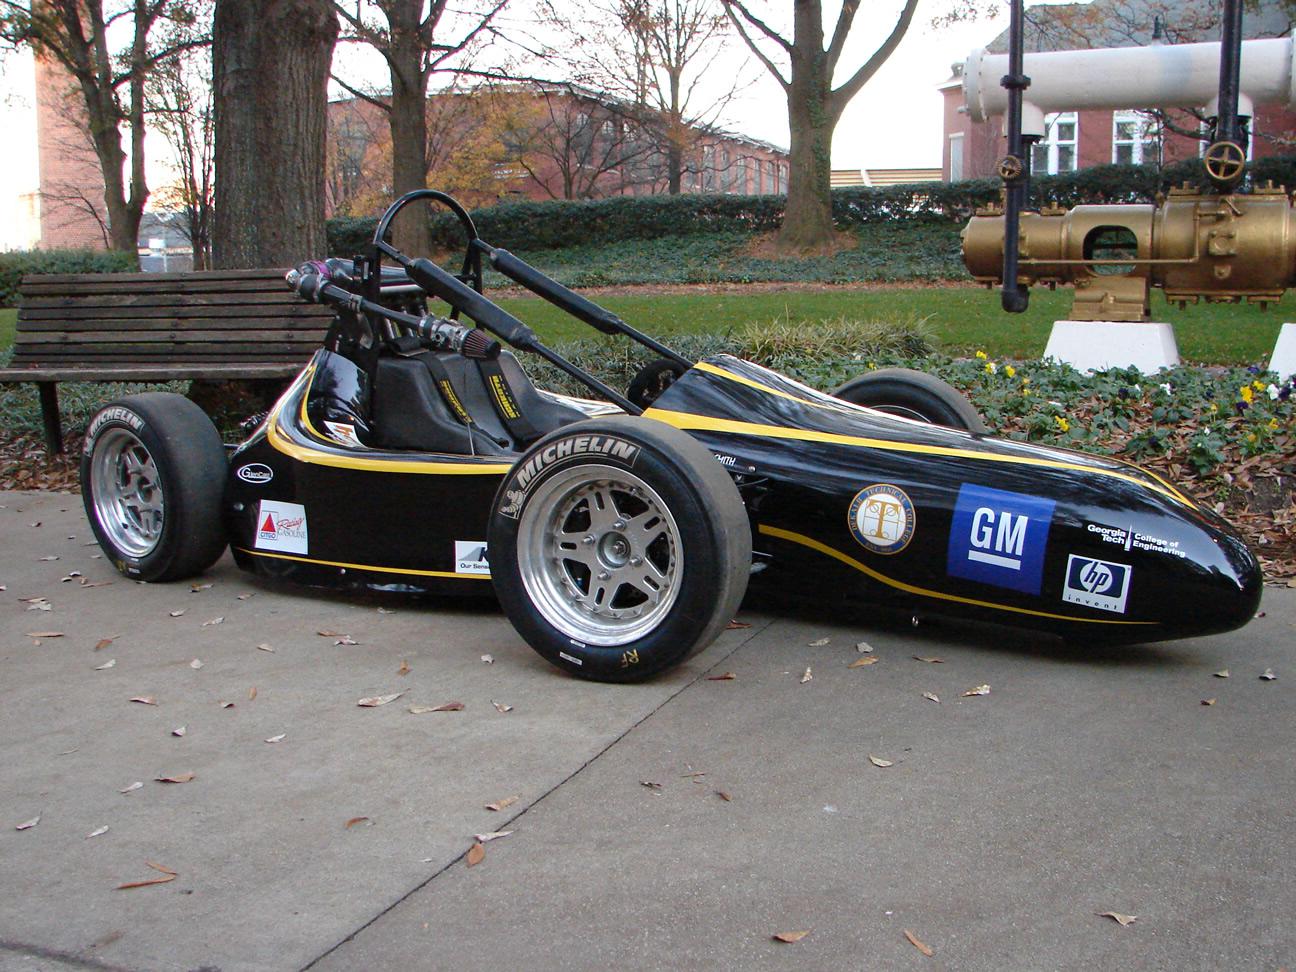 2006: Car 51